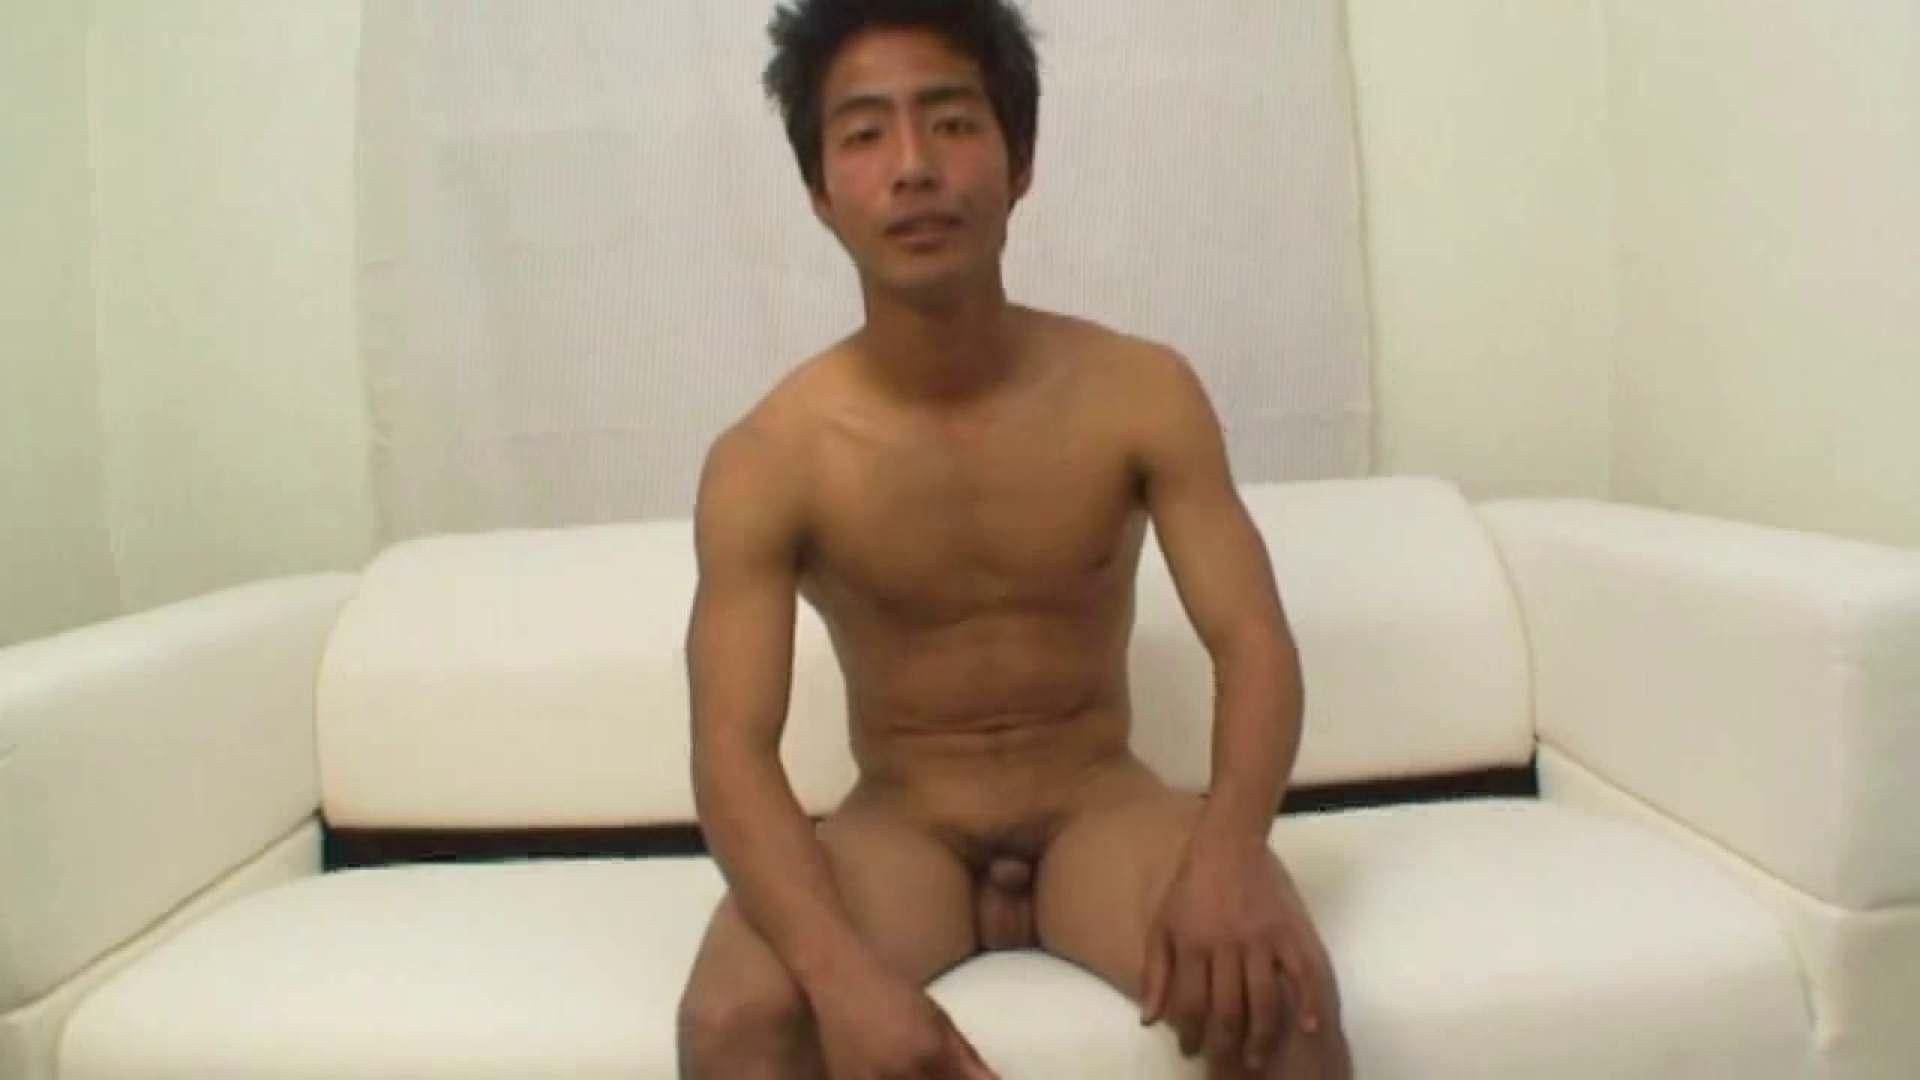 ノンケ!自慰スタジオ No.30 ゲイのオナニー映像  58枚 42